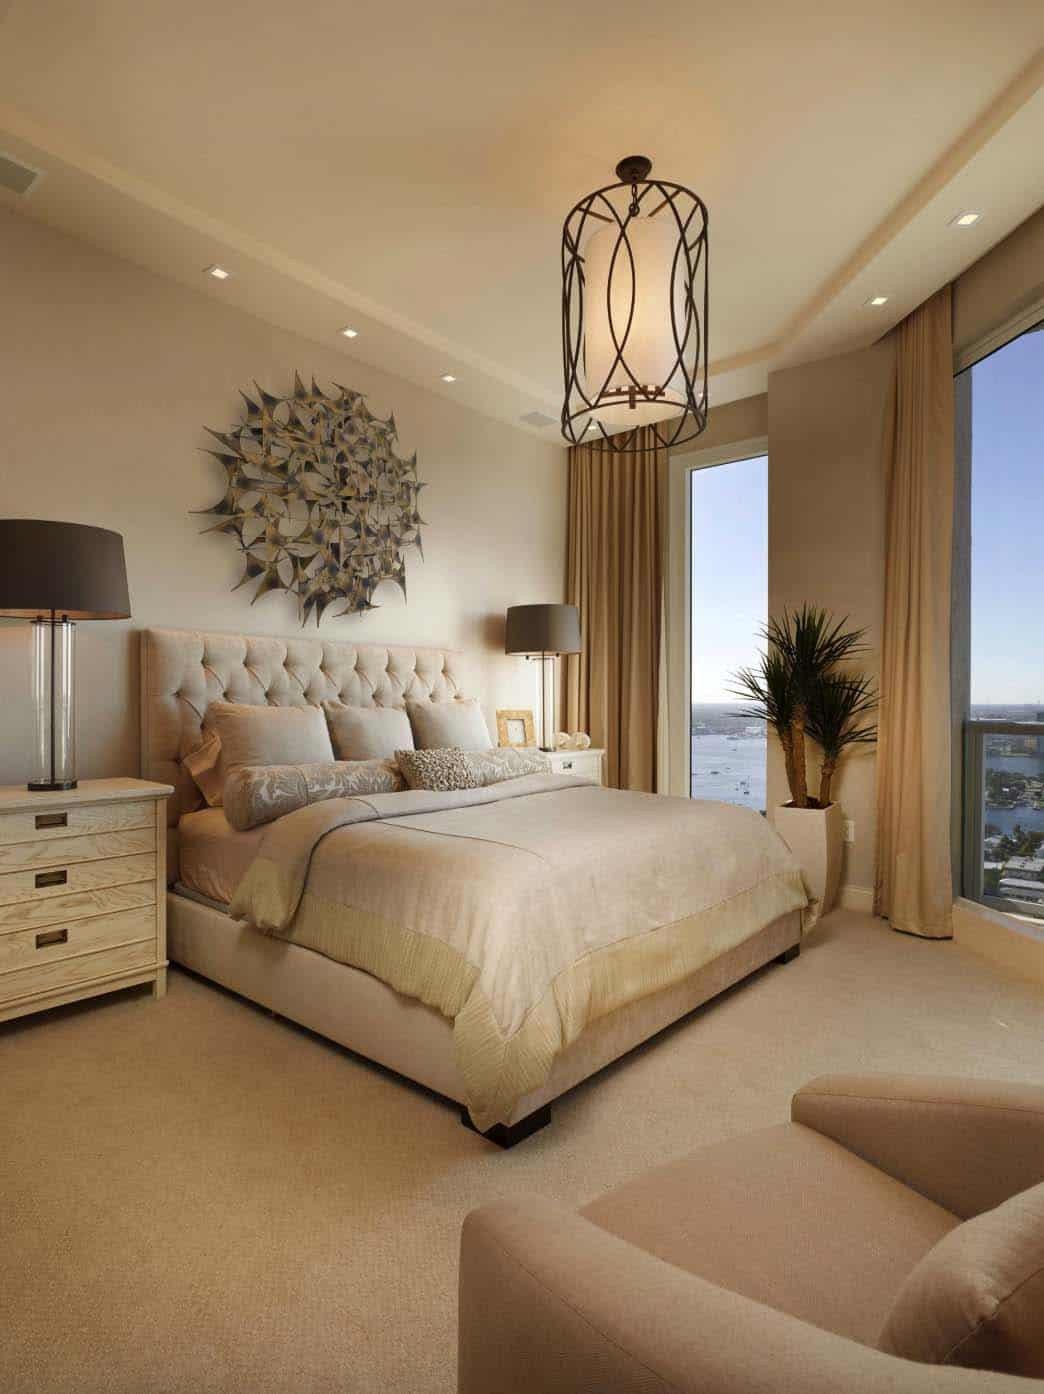 Decor Ideas for Master Bedroom Best Of 20 Serene and Elegant Master Bedroom Decorating Ideas